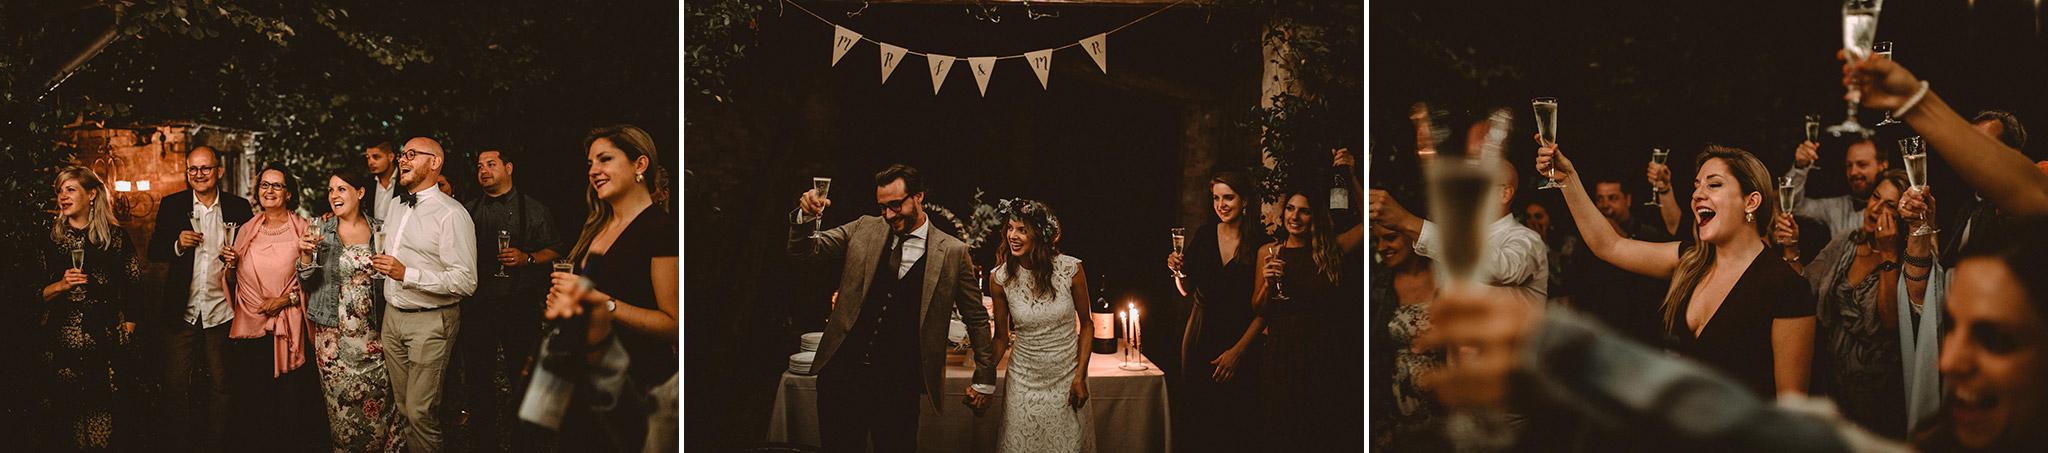 Dani_Rodriguez_Wedding_Italy